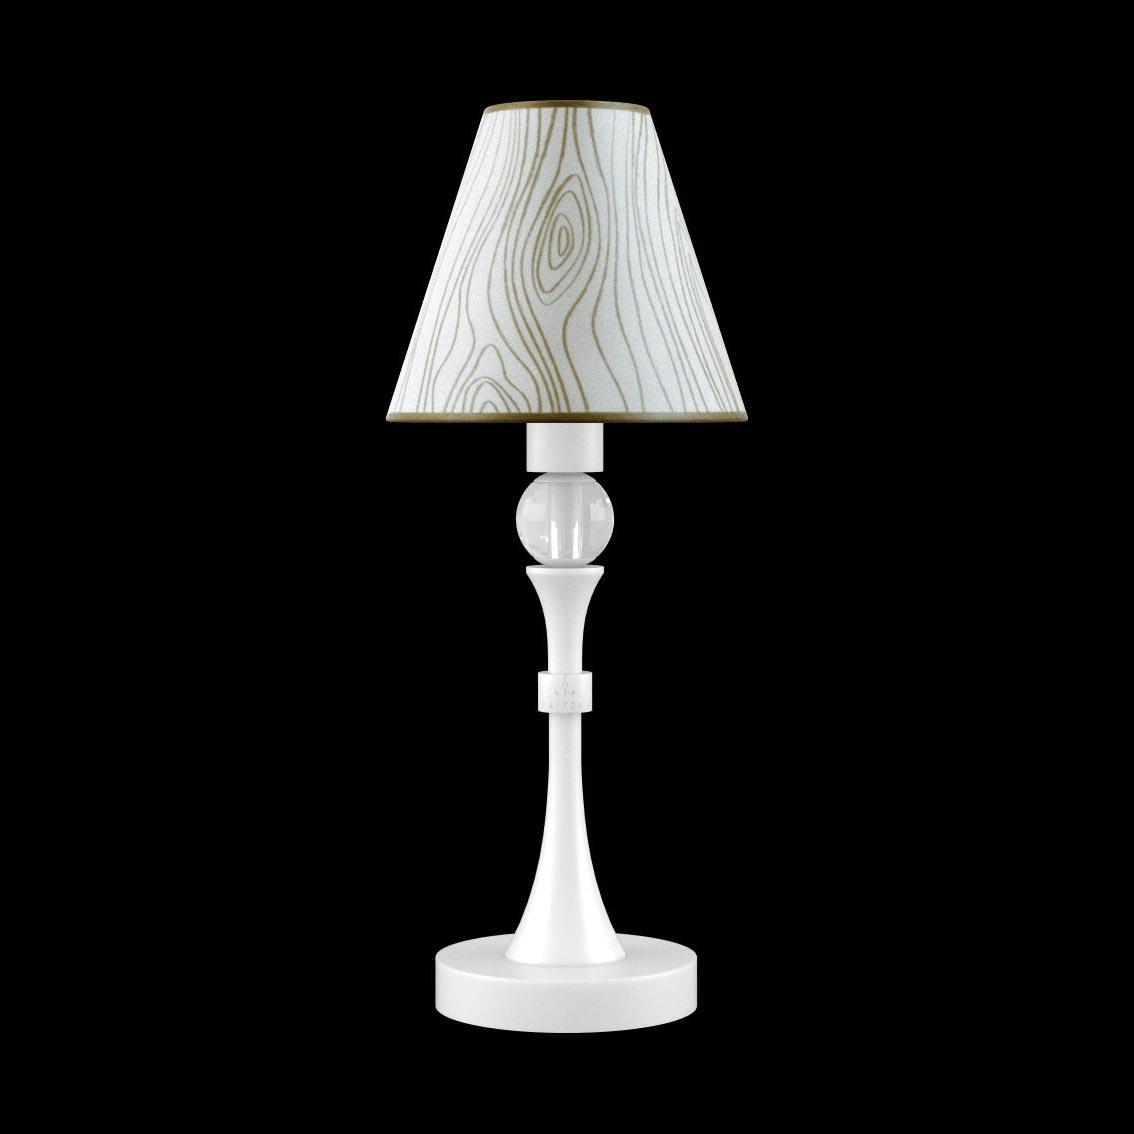 Настольная лампа Lamp4you Hightech M-11-WM-LMP-O-5 m style ваза настольная pixel page 5